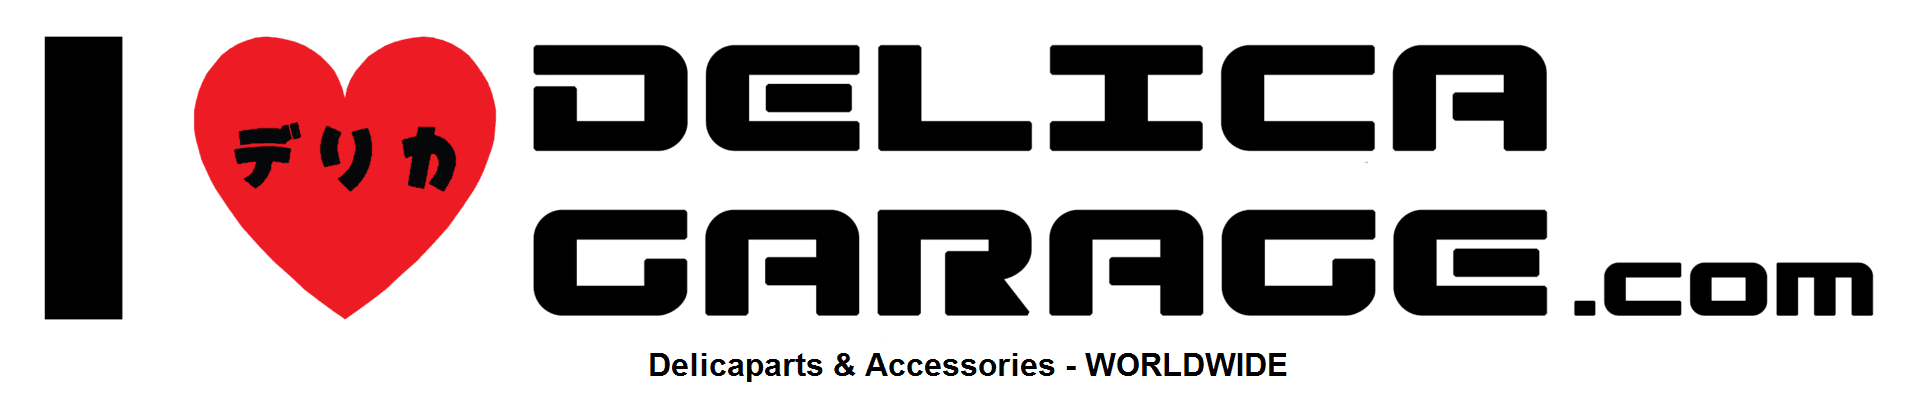 i love delica garage dot com logo